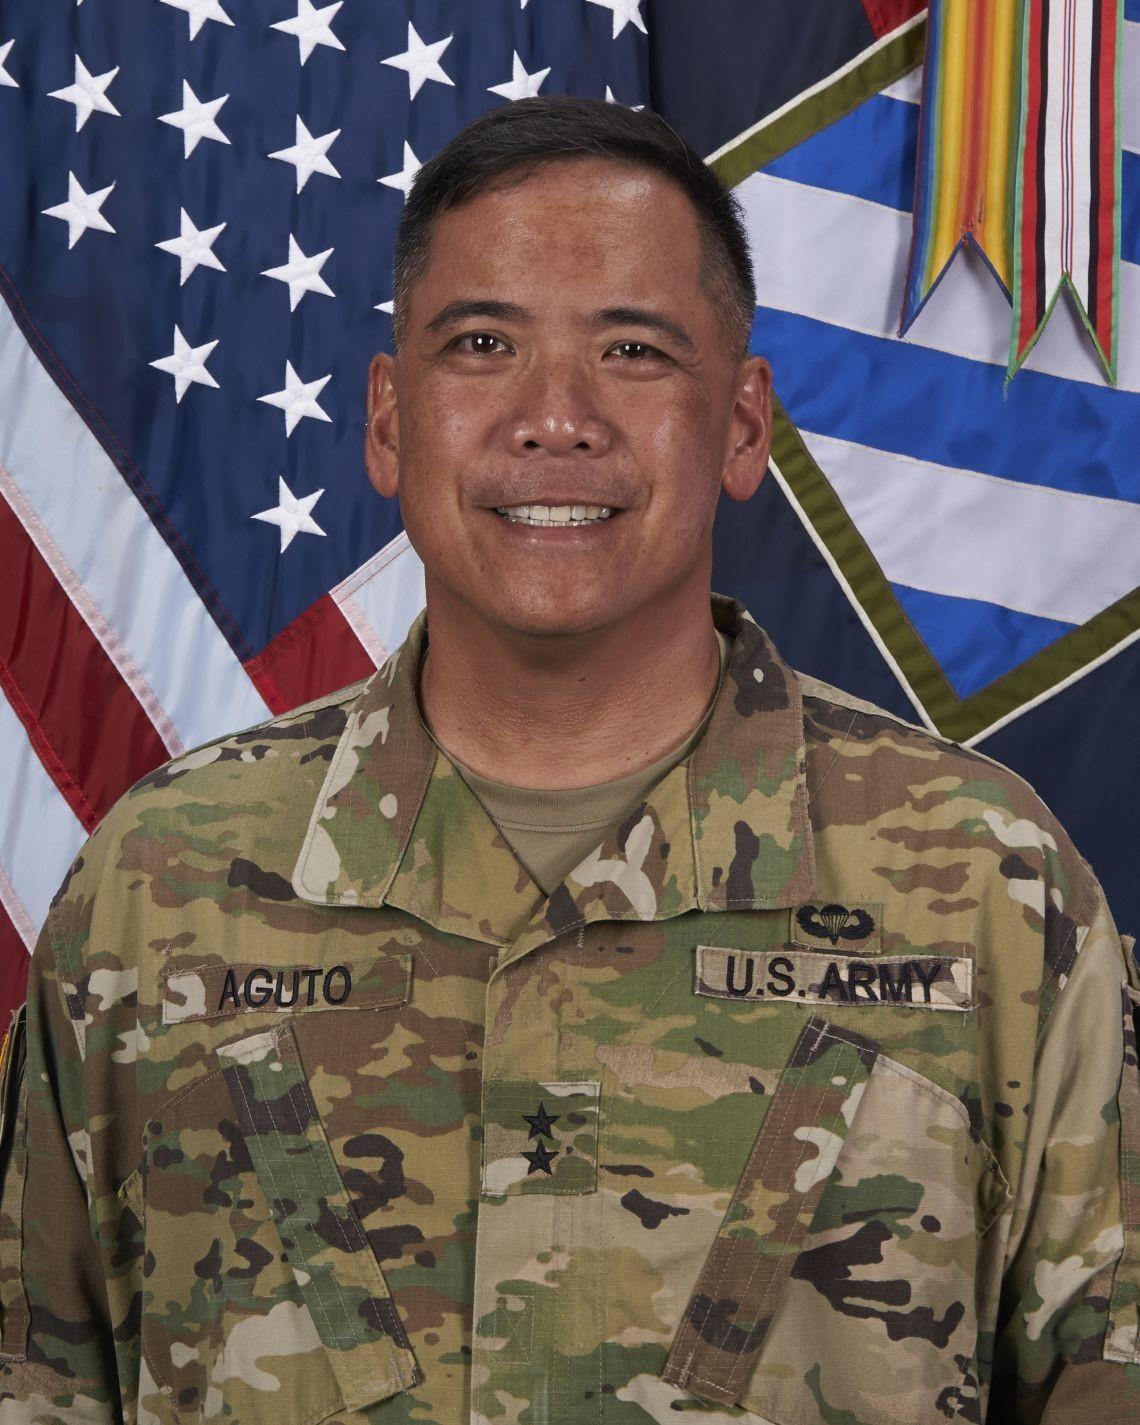 Major General Antonio Aguto